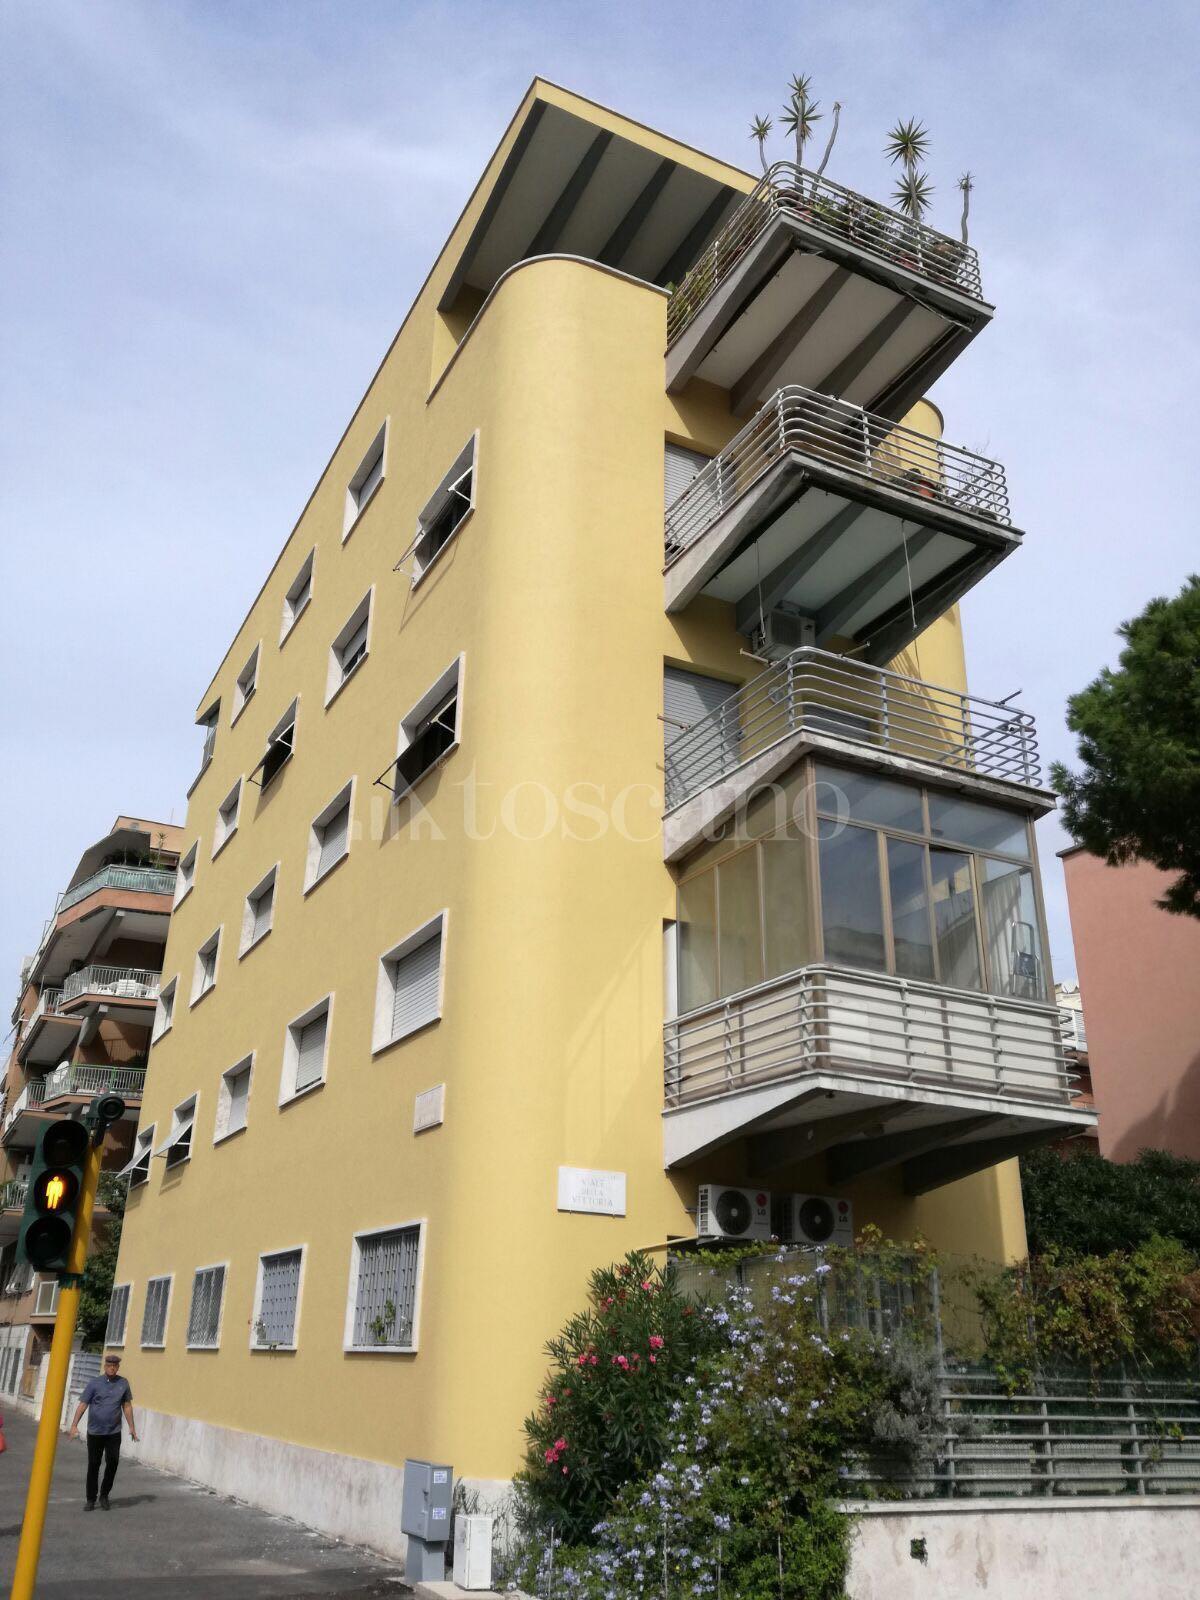 vendita Casa a Roma in Viale della Vittoria, Ostia Levante 118 ...